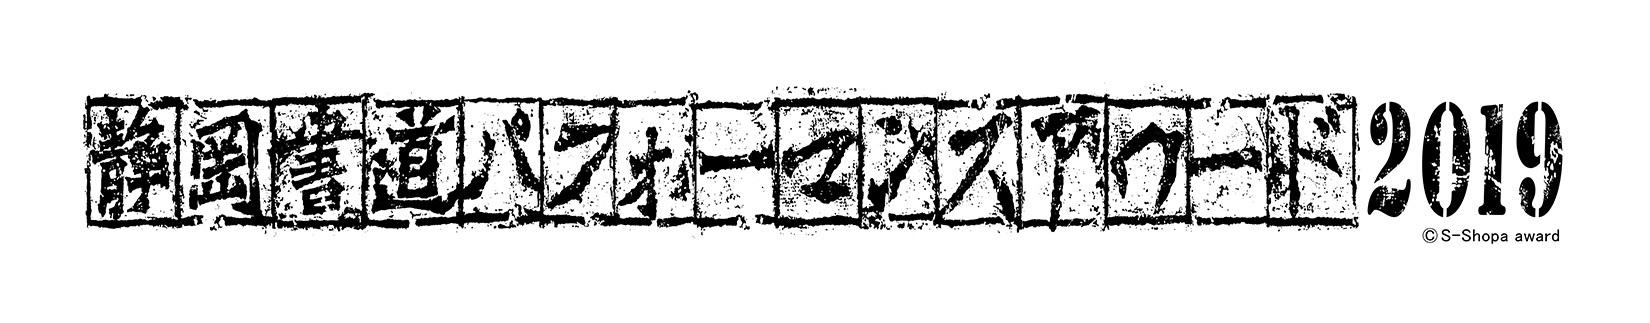 S-Shopa-award2019_title-logo.jpg